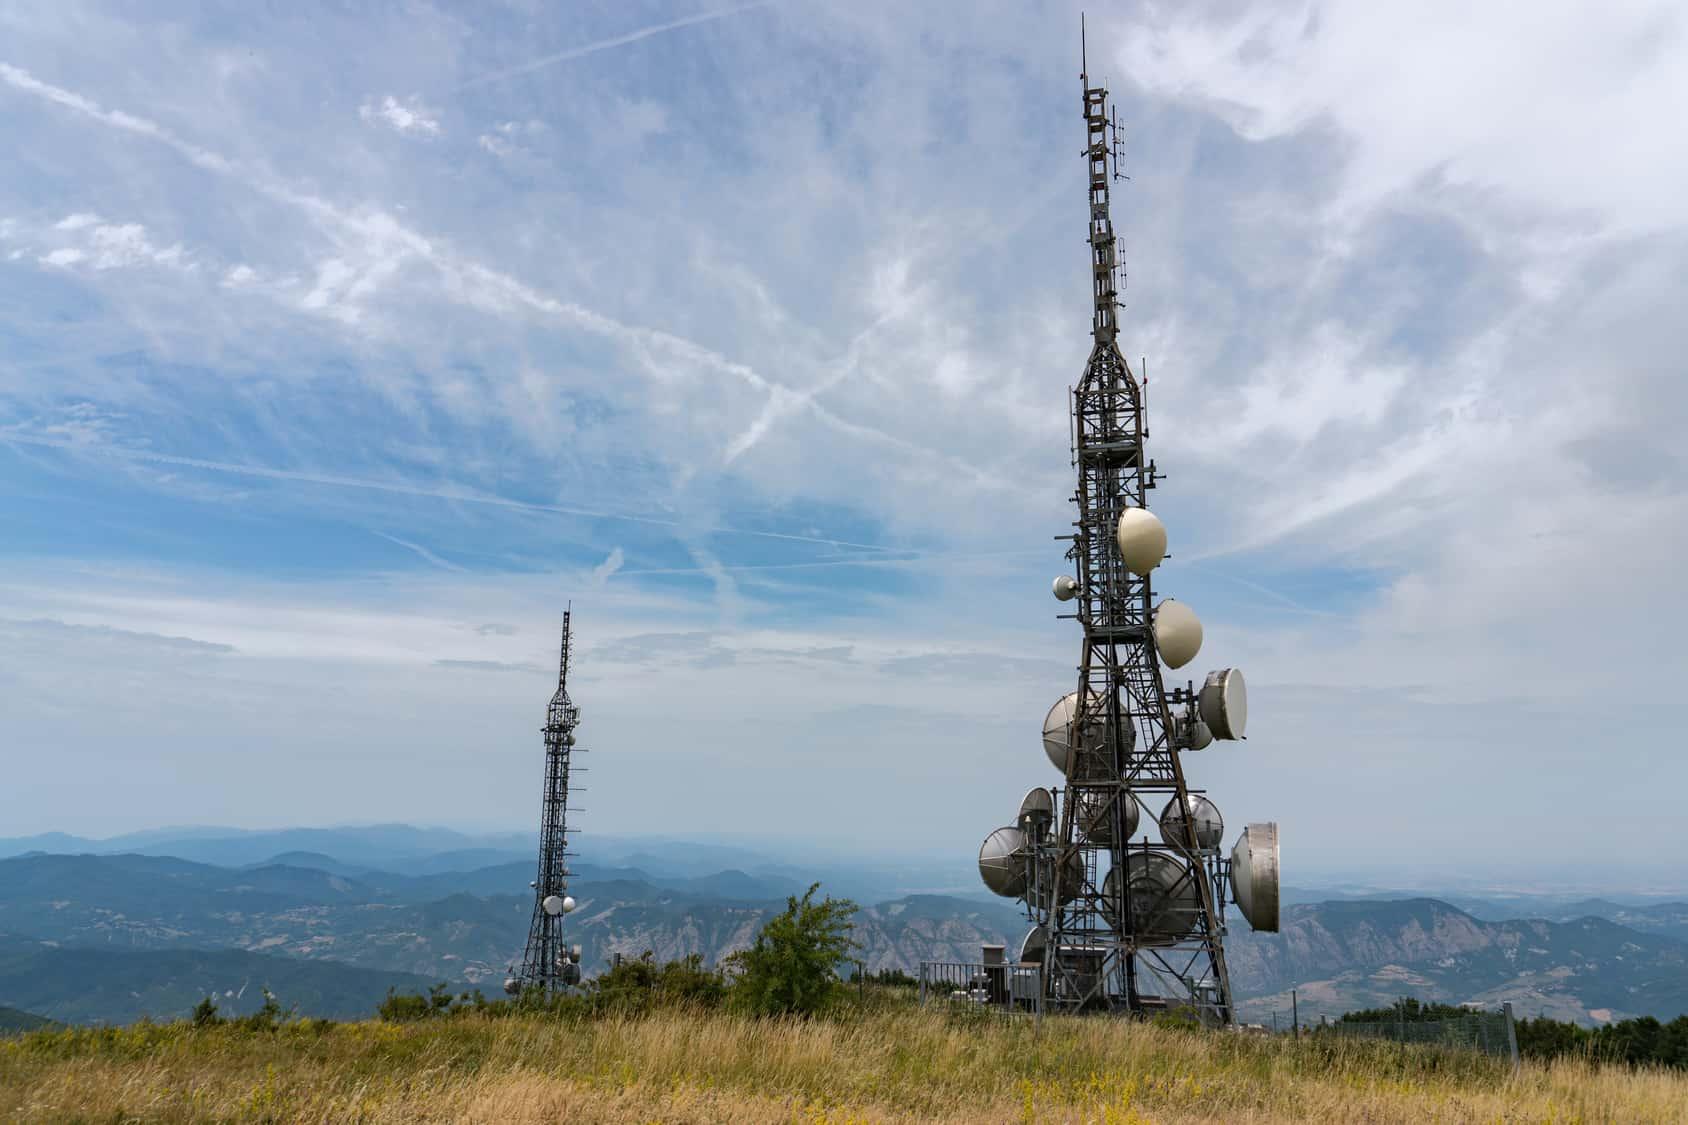 Telecomunicaciones de México publicó la segunda licitación internacional para la asesoría, acompañamiento, promoción y estructuración de la red troncal.